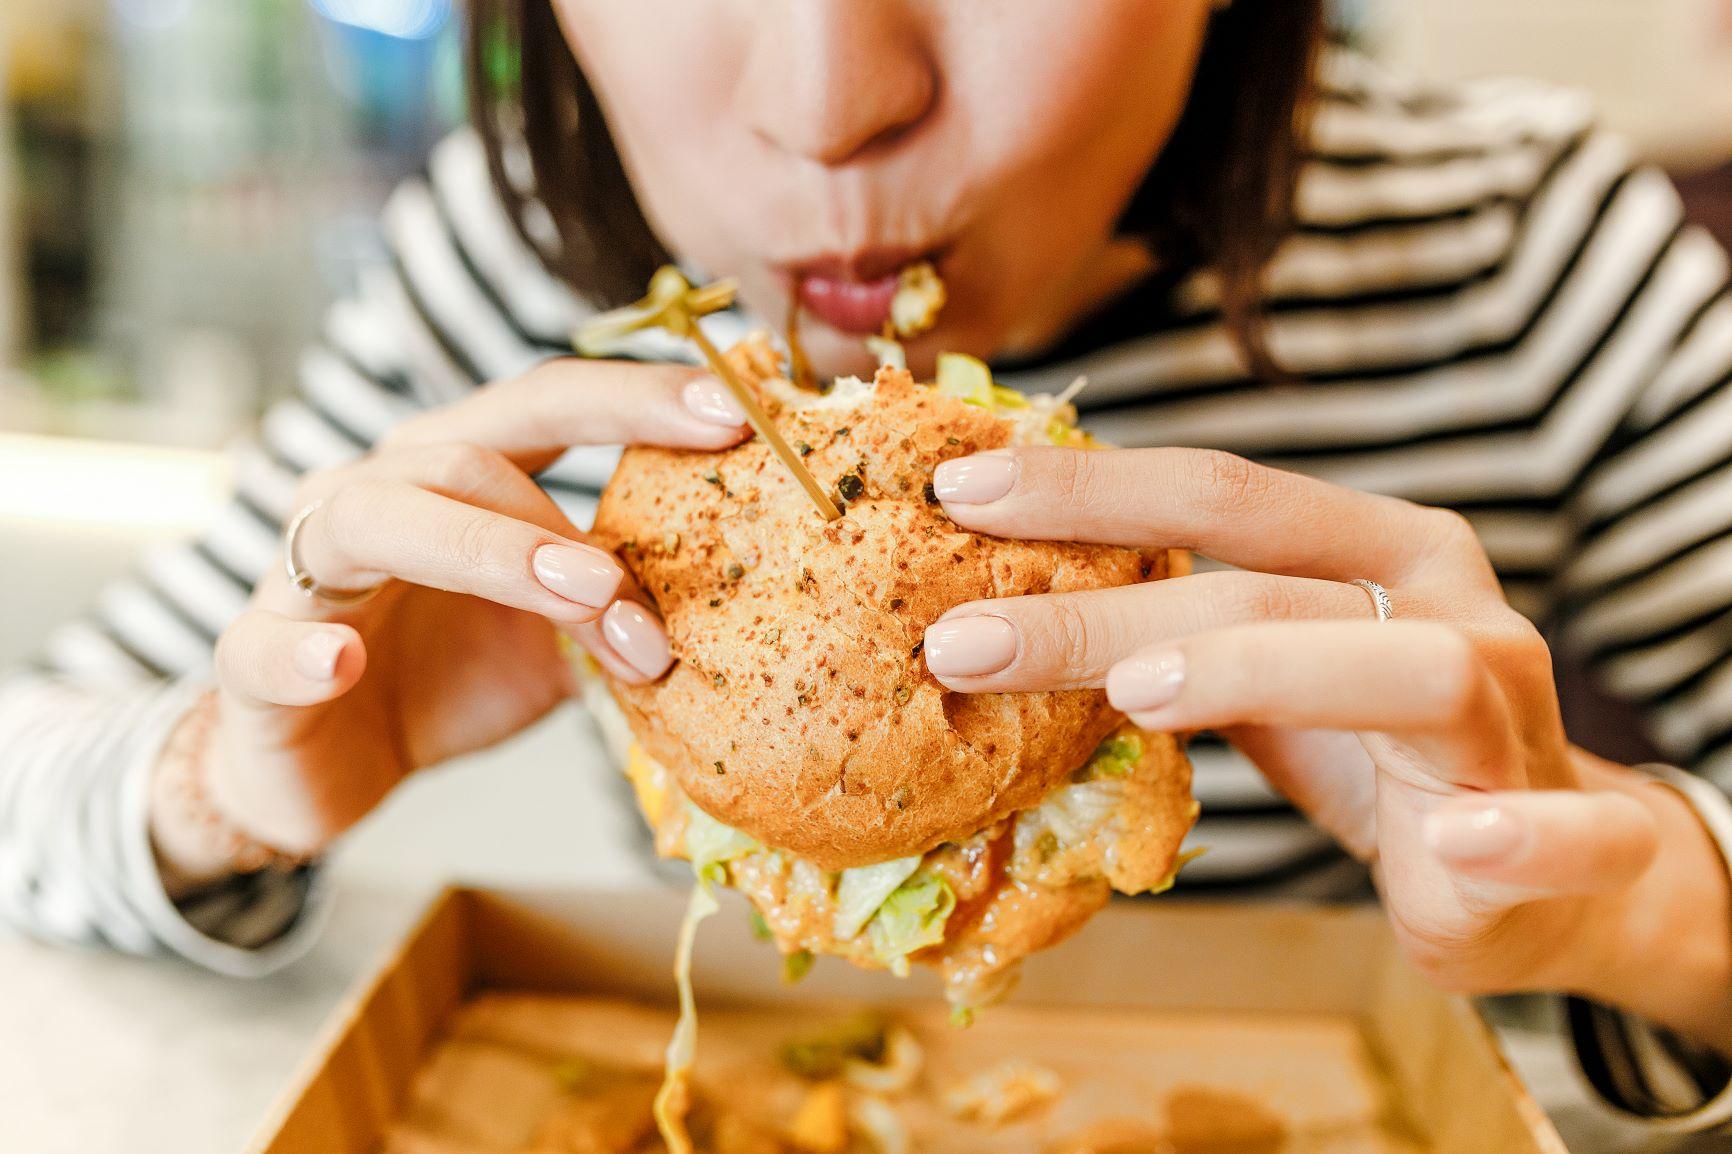 Iako je medicina u posljednjih 100 godina toliko napredovala da je prosječna dob porasla za gotovo 40 godina, sjedilački način života, smanjena tjelesna aktivnost, prevelik unos šećera, brze hrane, zaslađenih napitaka i kronični stres itekako su naštetili našem organizmu.